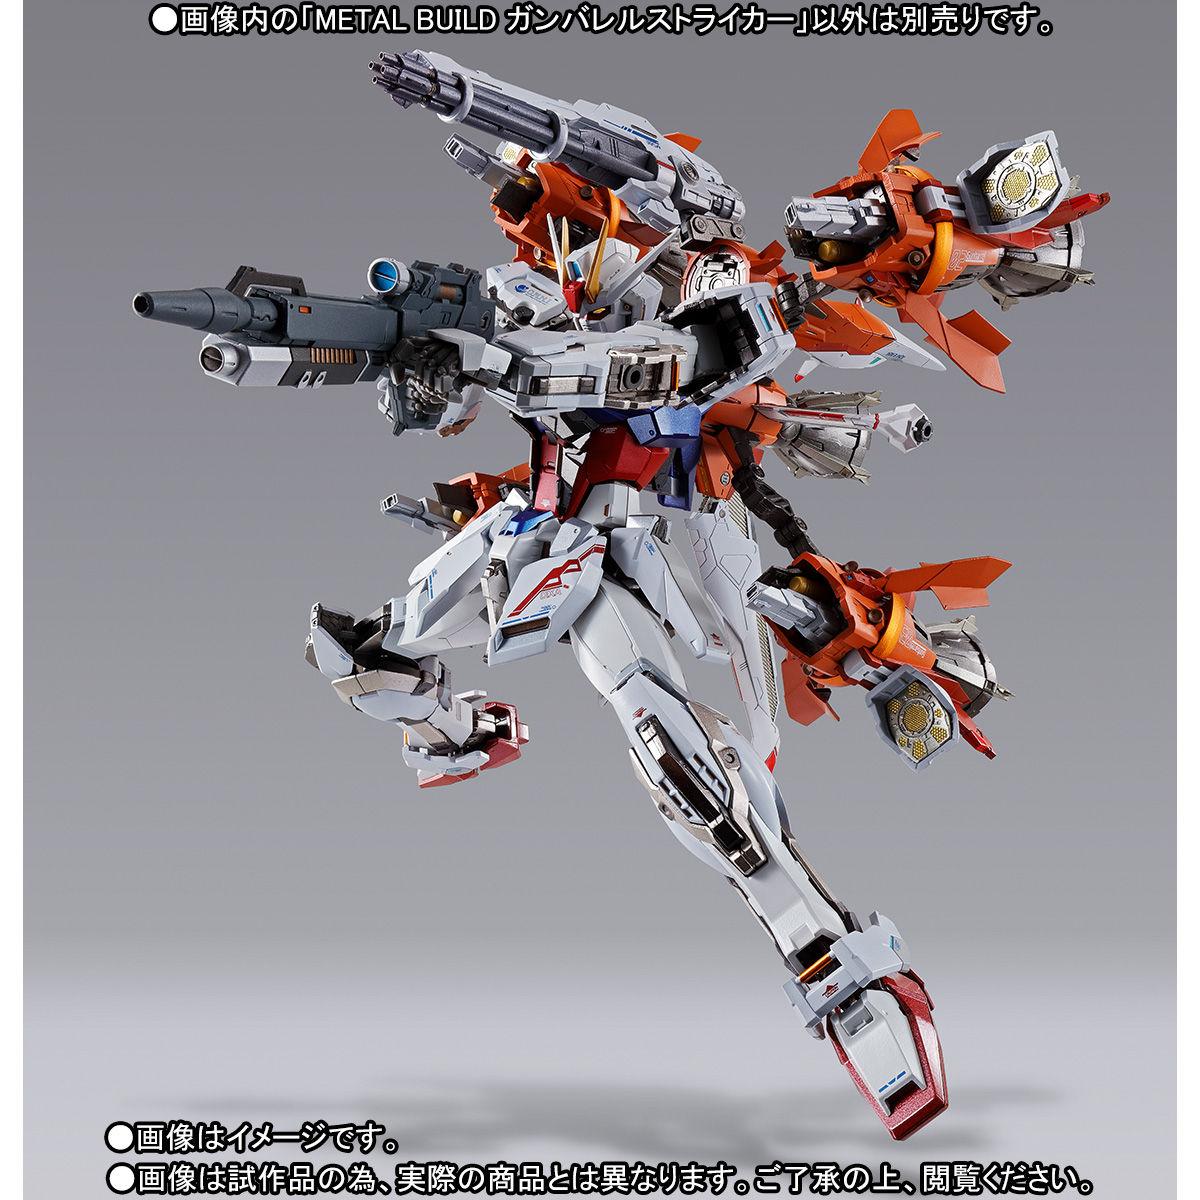 METAL BUILD『ガンバレルストライカー|機動戦士ガンダムSEED MSV』可動フィギュア-005